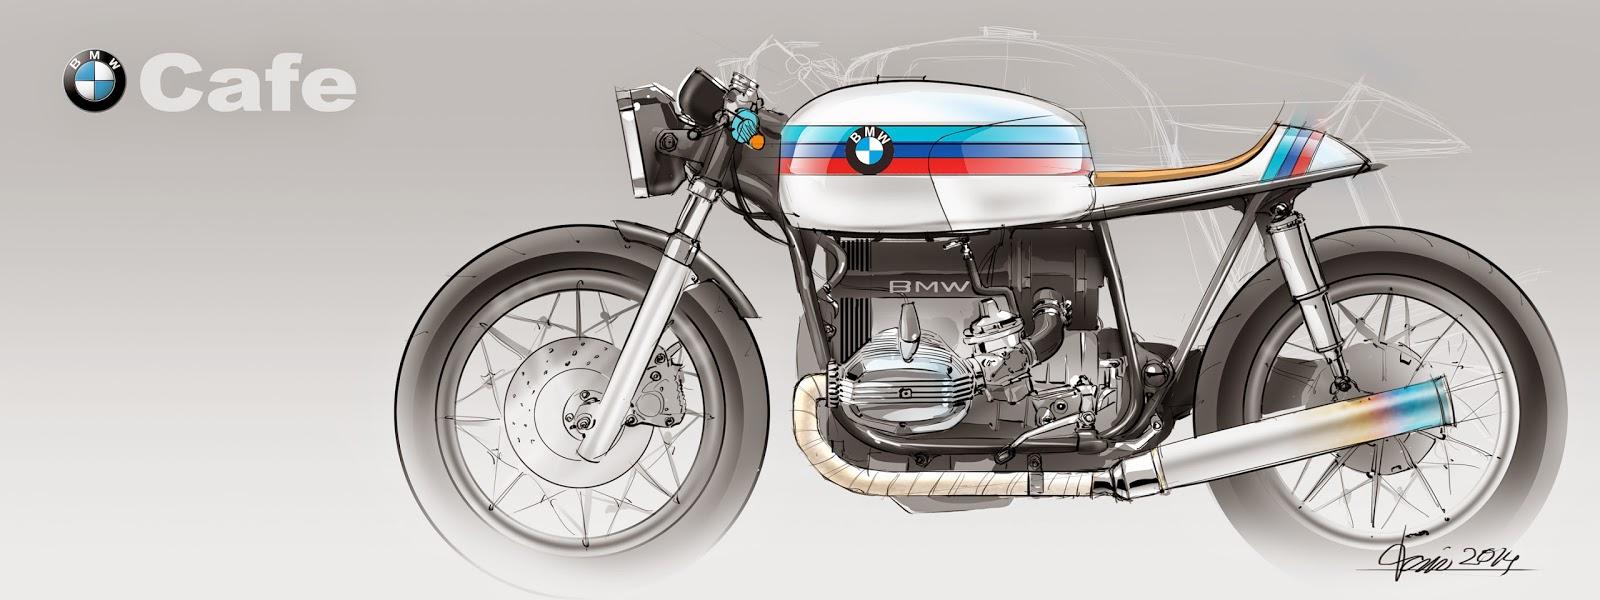 digital sketching: bmw cafe racer -concept